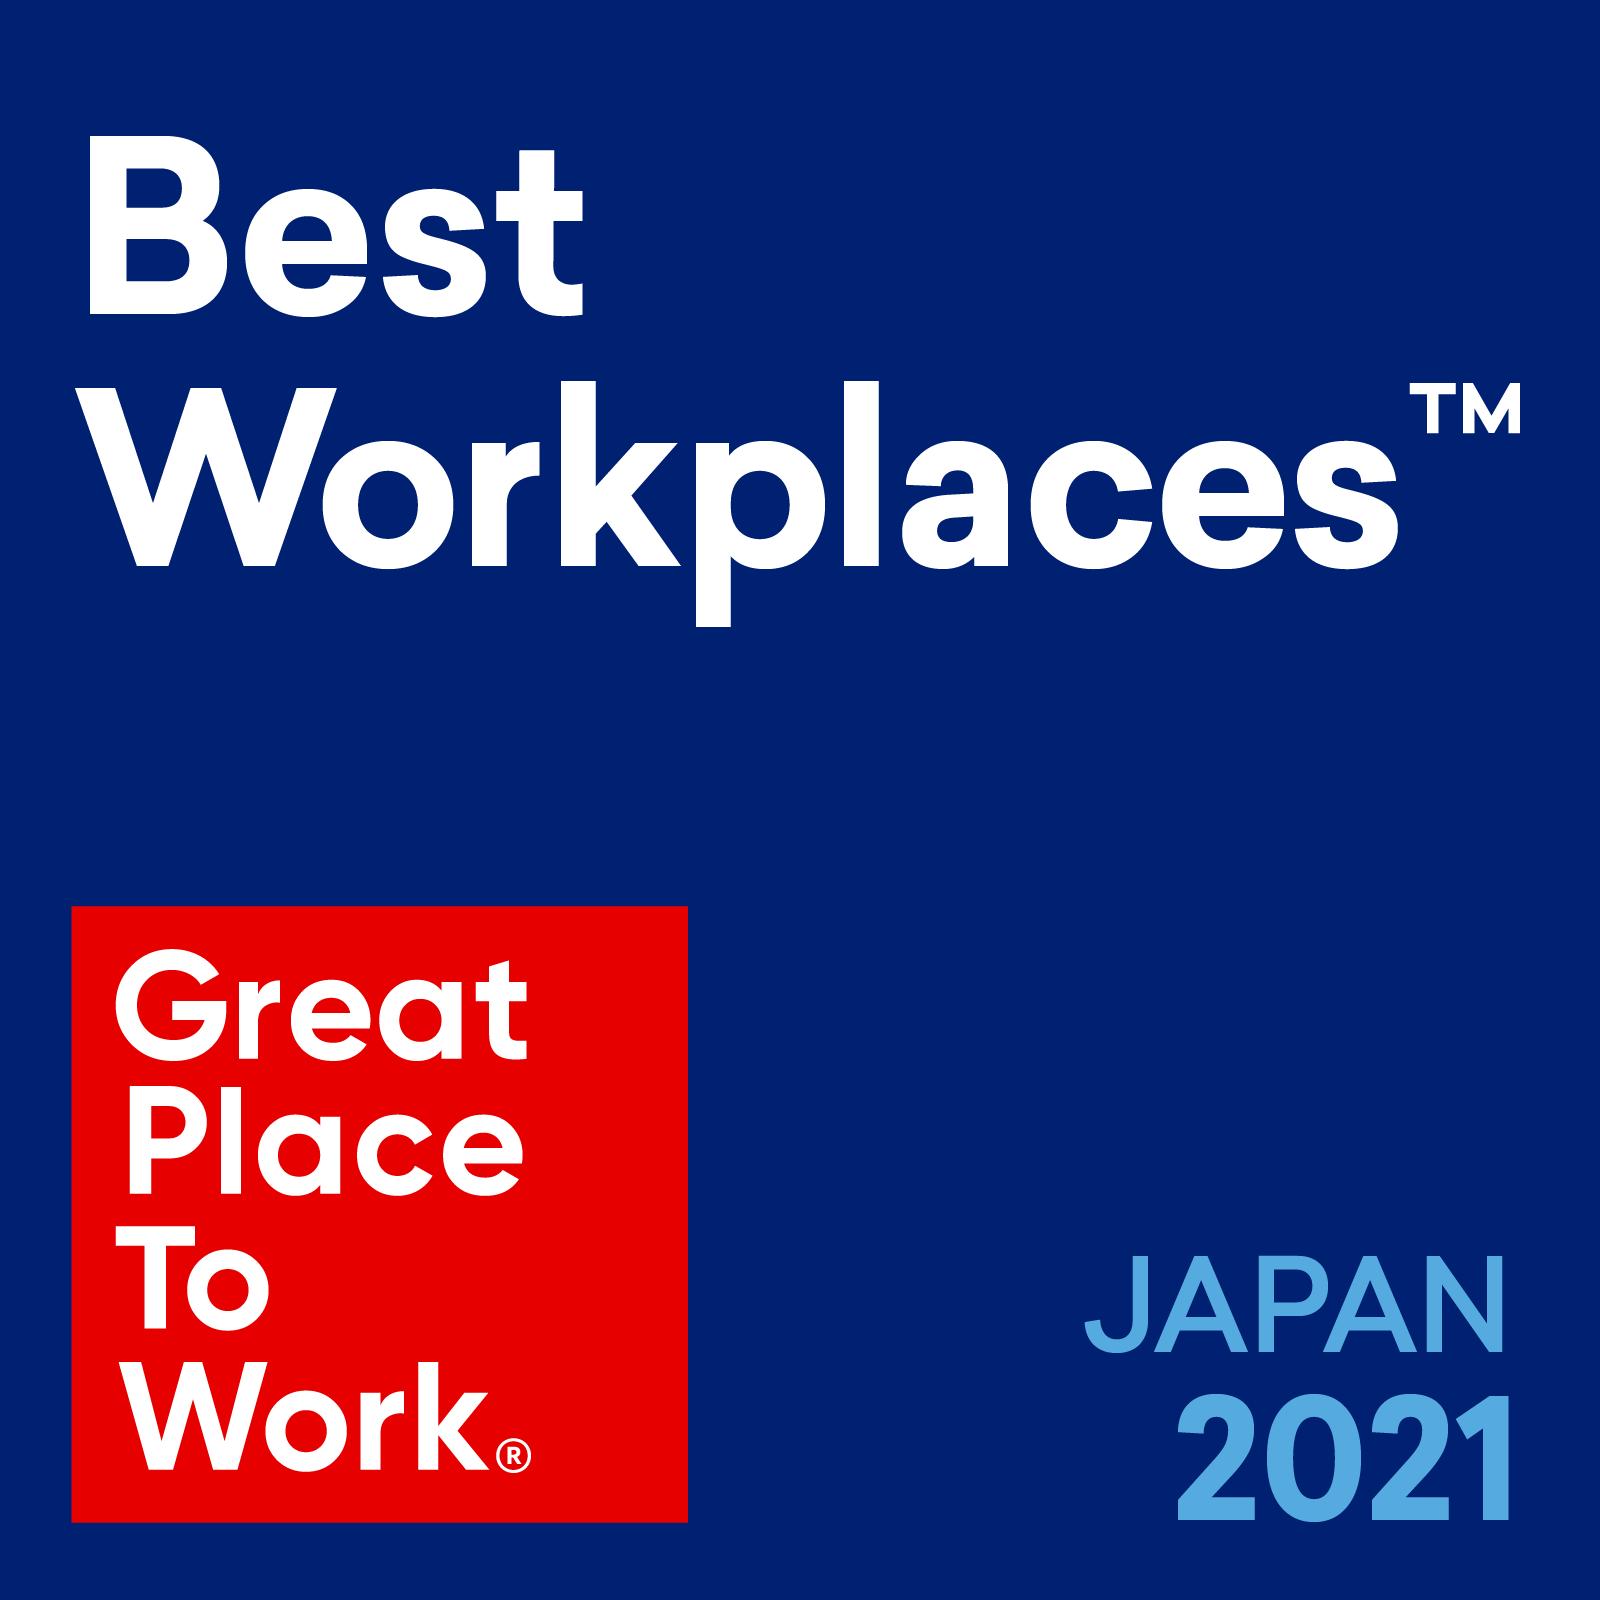 働きがいのある会社ランキング、小規模部門(従業員25-99人)で、5位選出